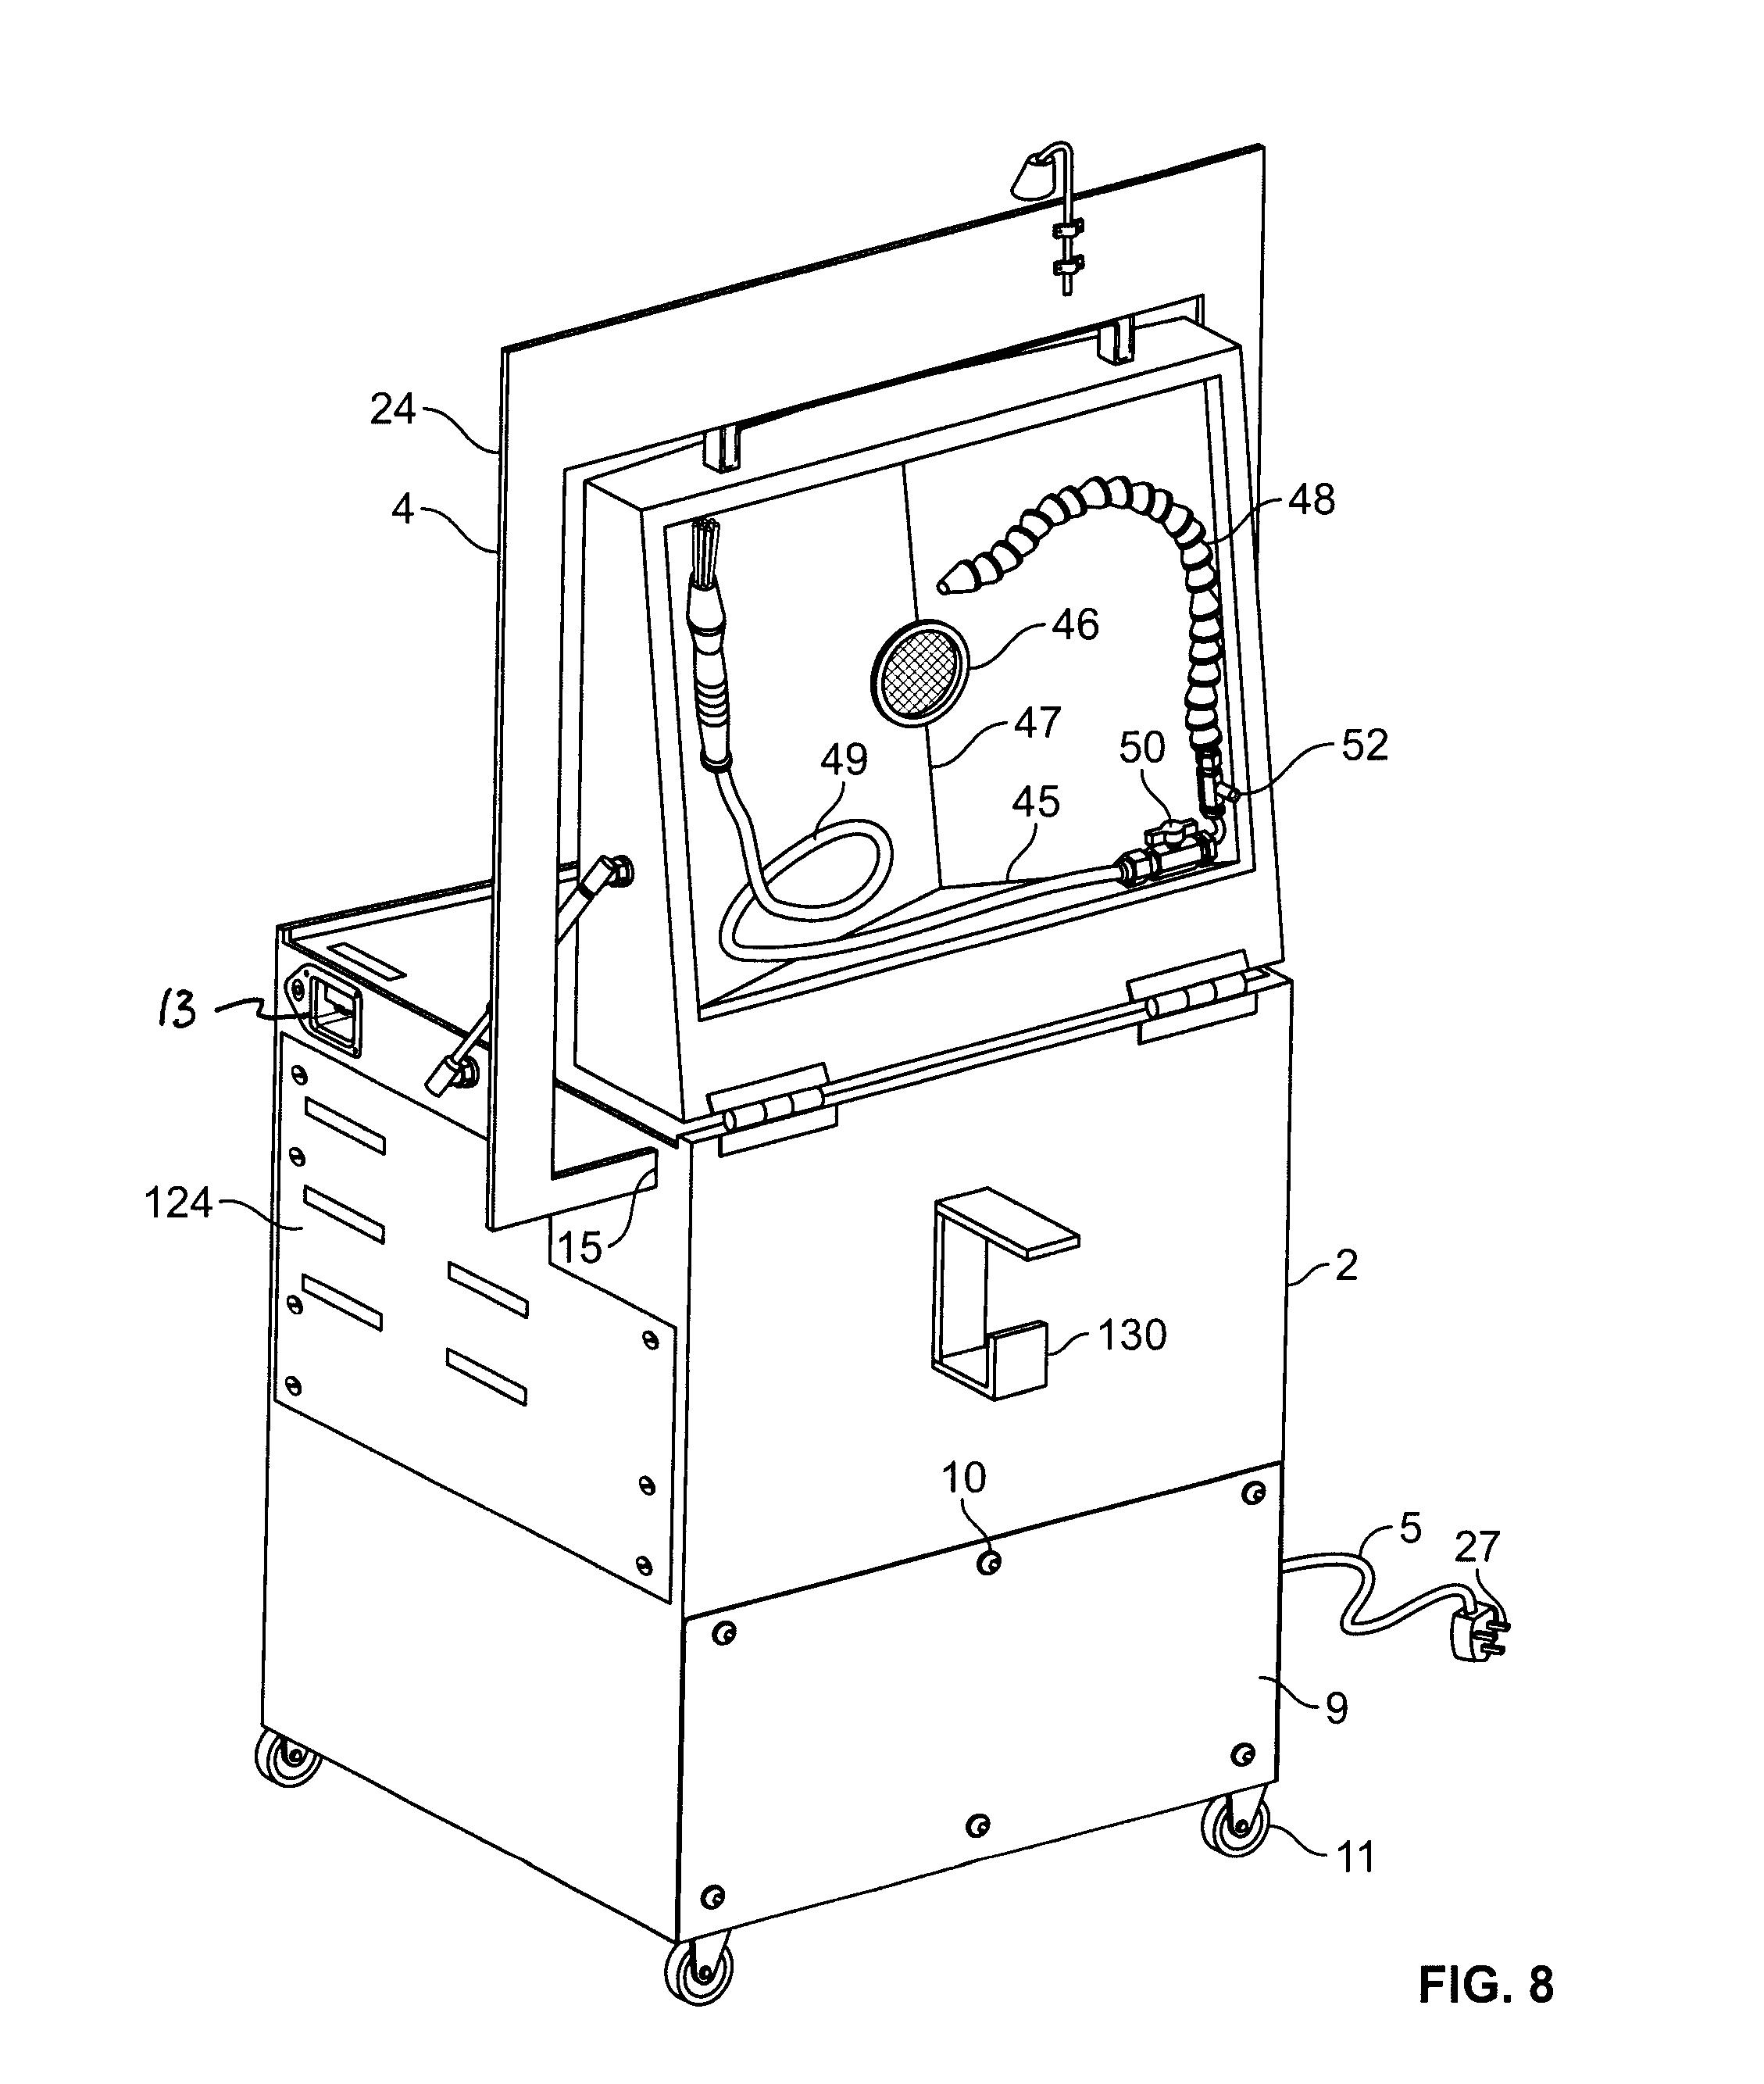 Patent Us8220471 Multipurpose Aqueous Parts Washer